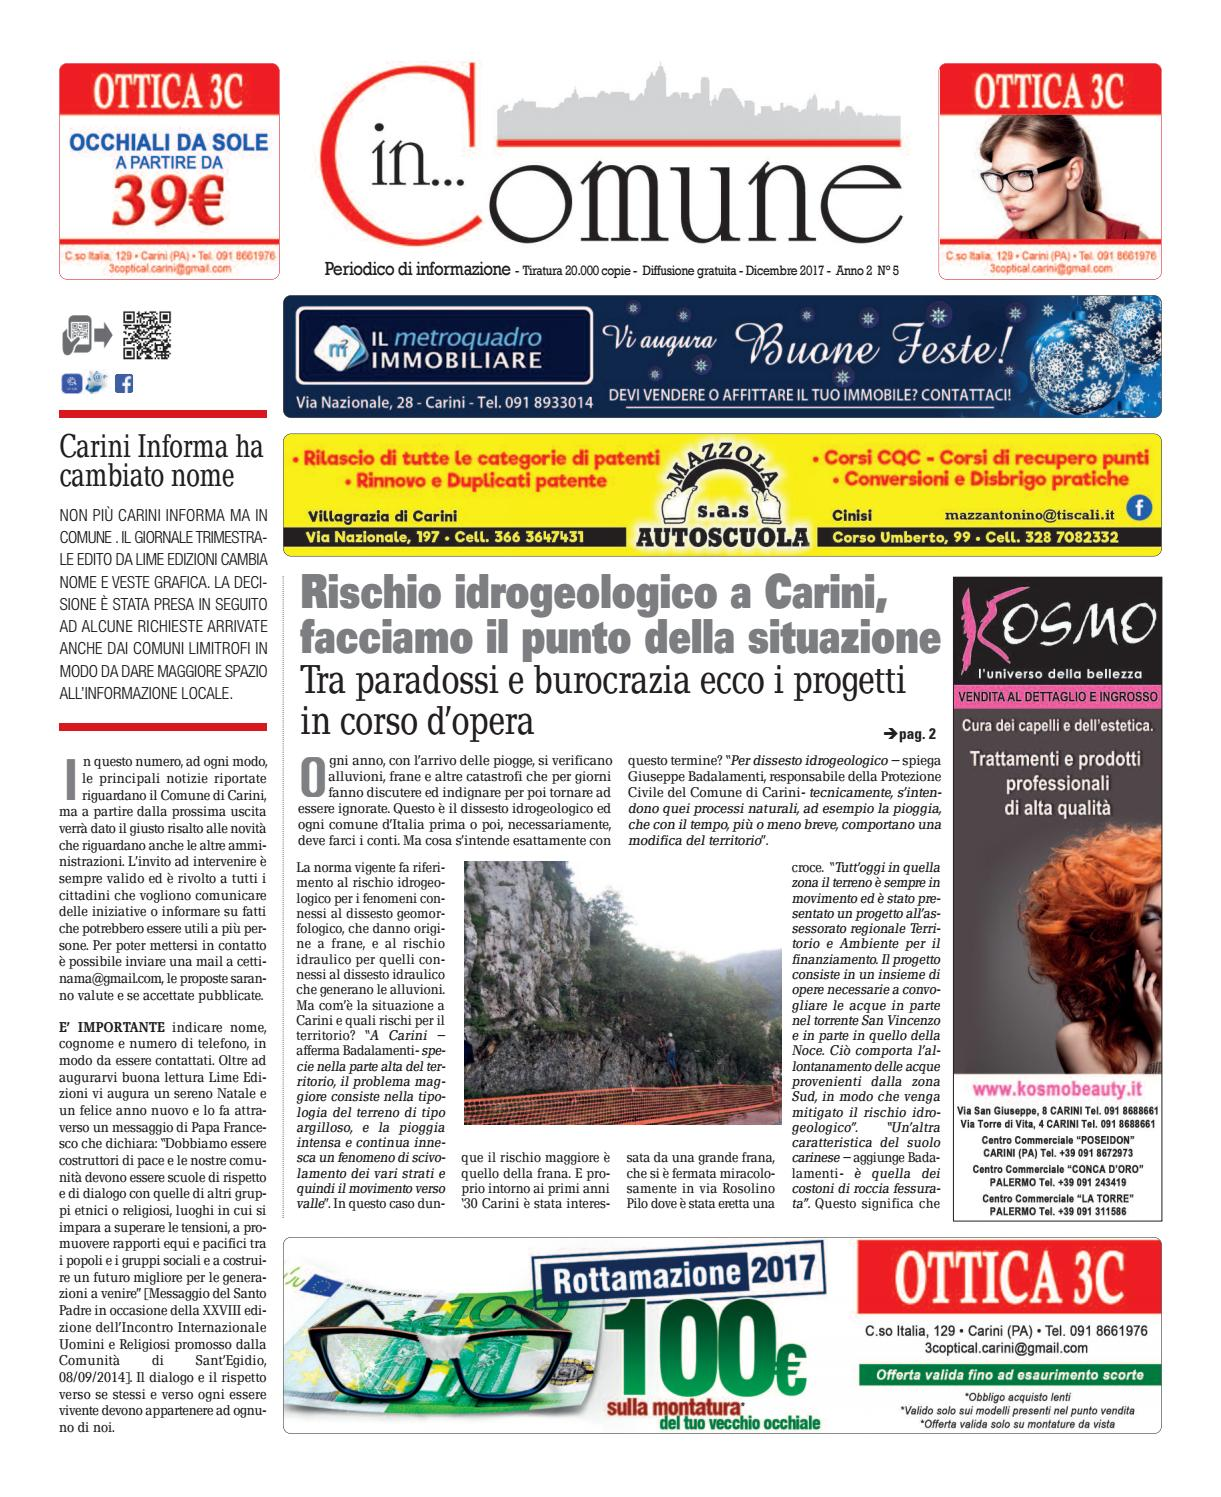 Calendario Raccolta Differenziata Cinisi 2019.In Comune Dicembre 2017 By Lime Edizioni Milano Issuu